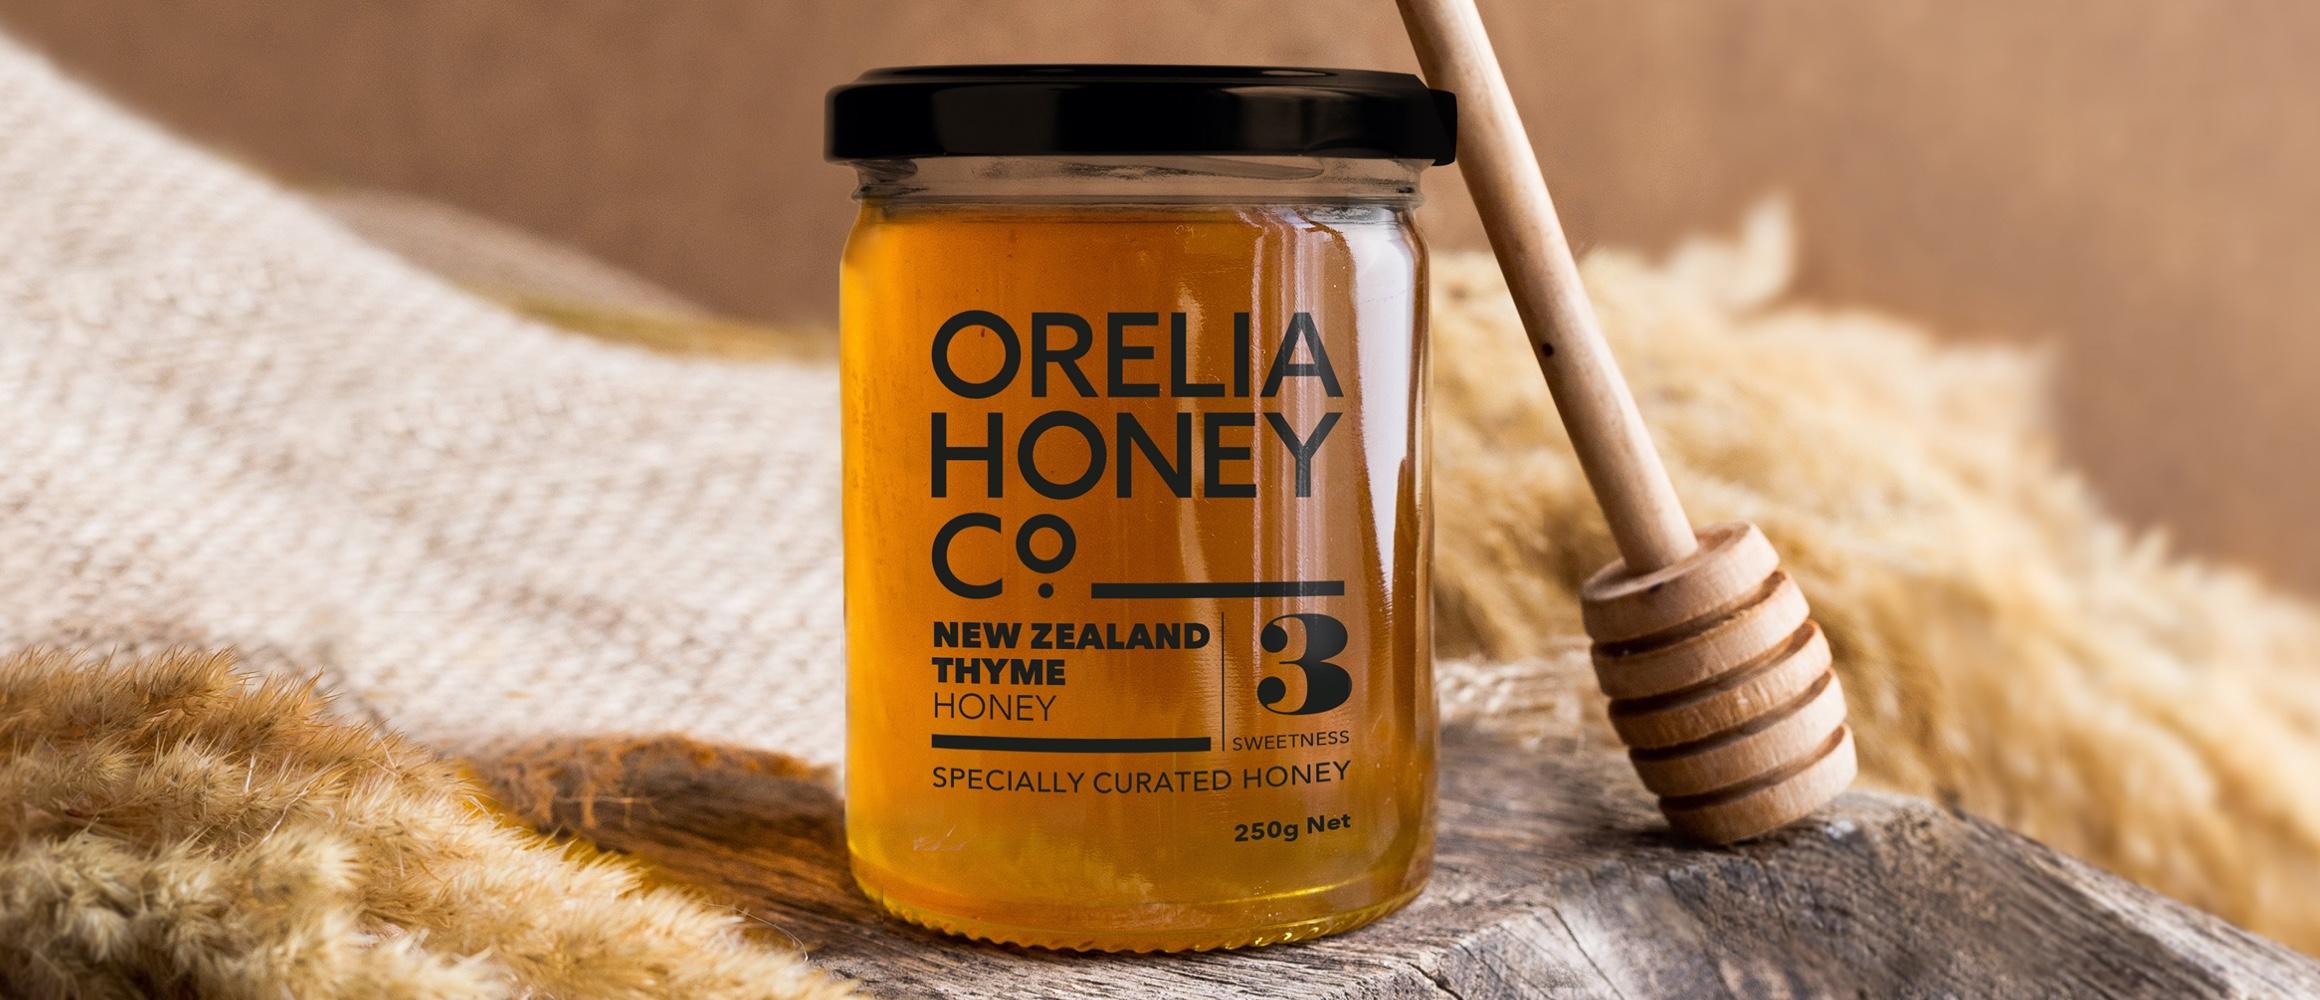 Orelia Honey